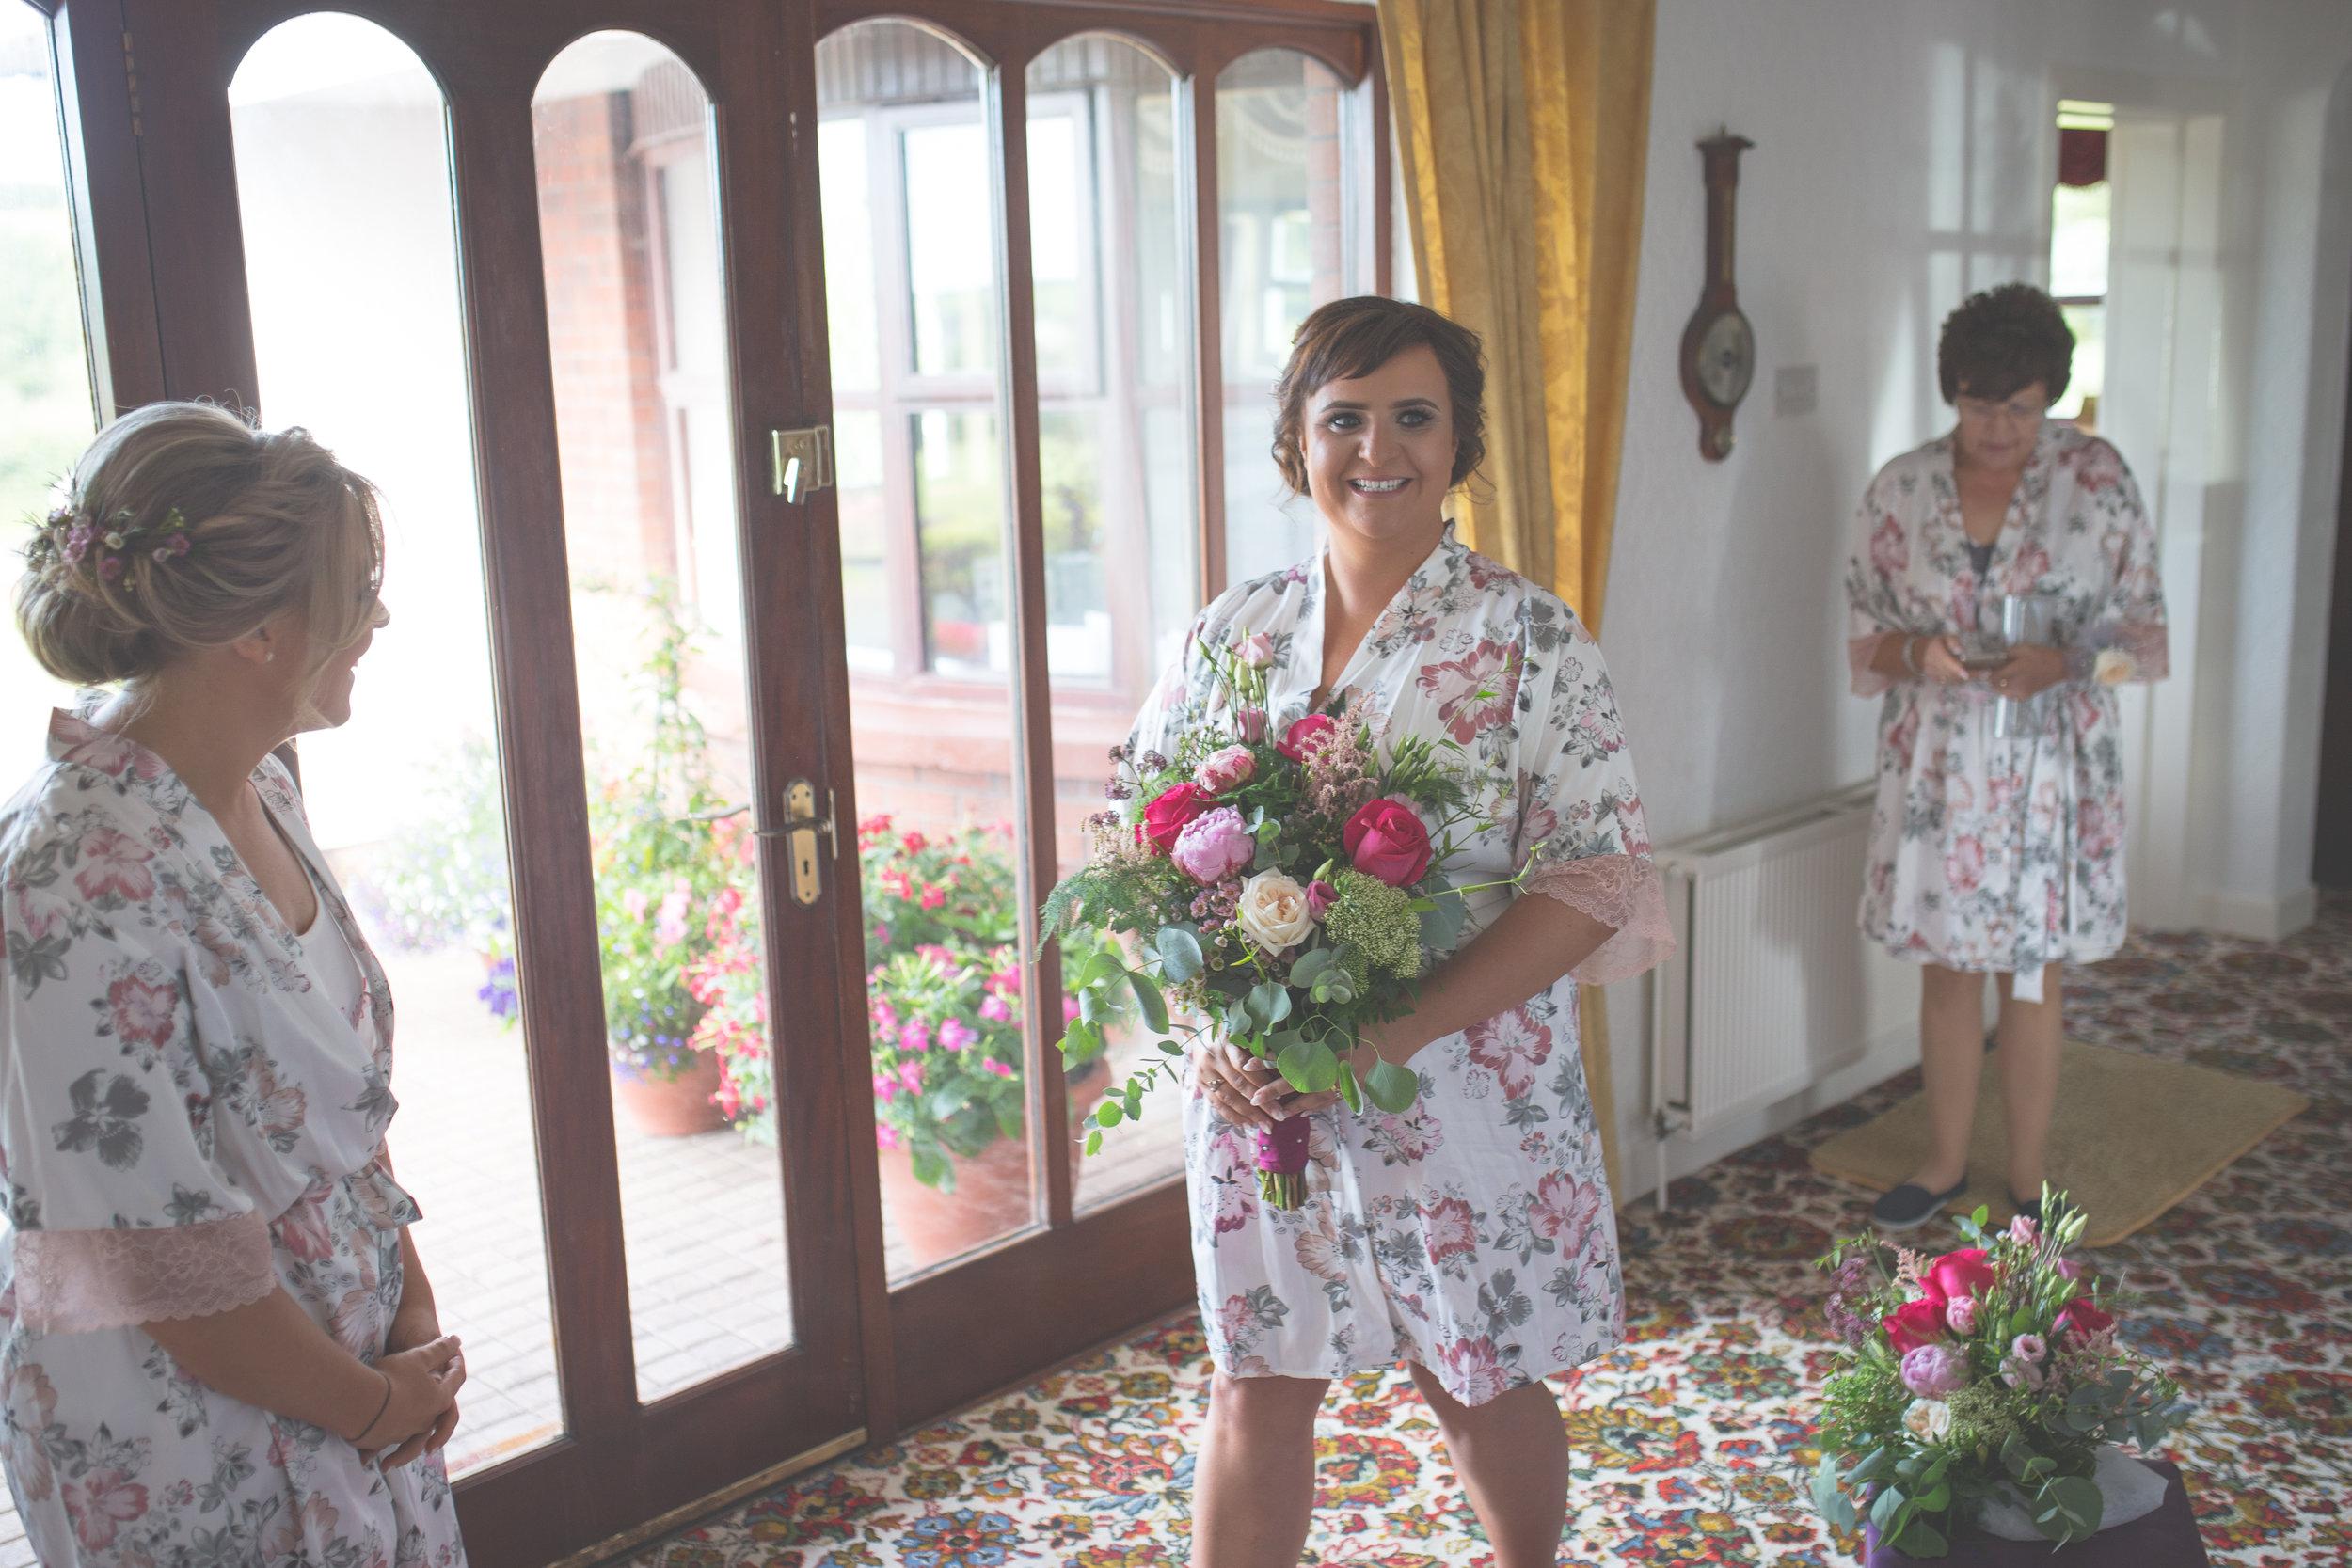 Brian McEwan Wedding Photography | Carol-Anne & Sean | Bridal Preparations-78.jpg